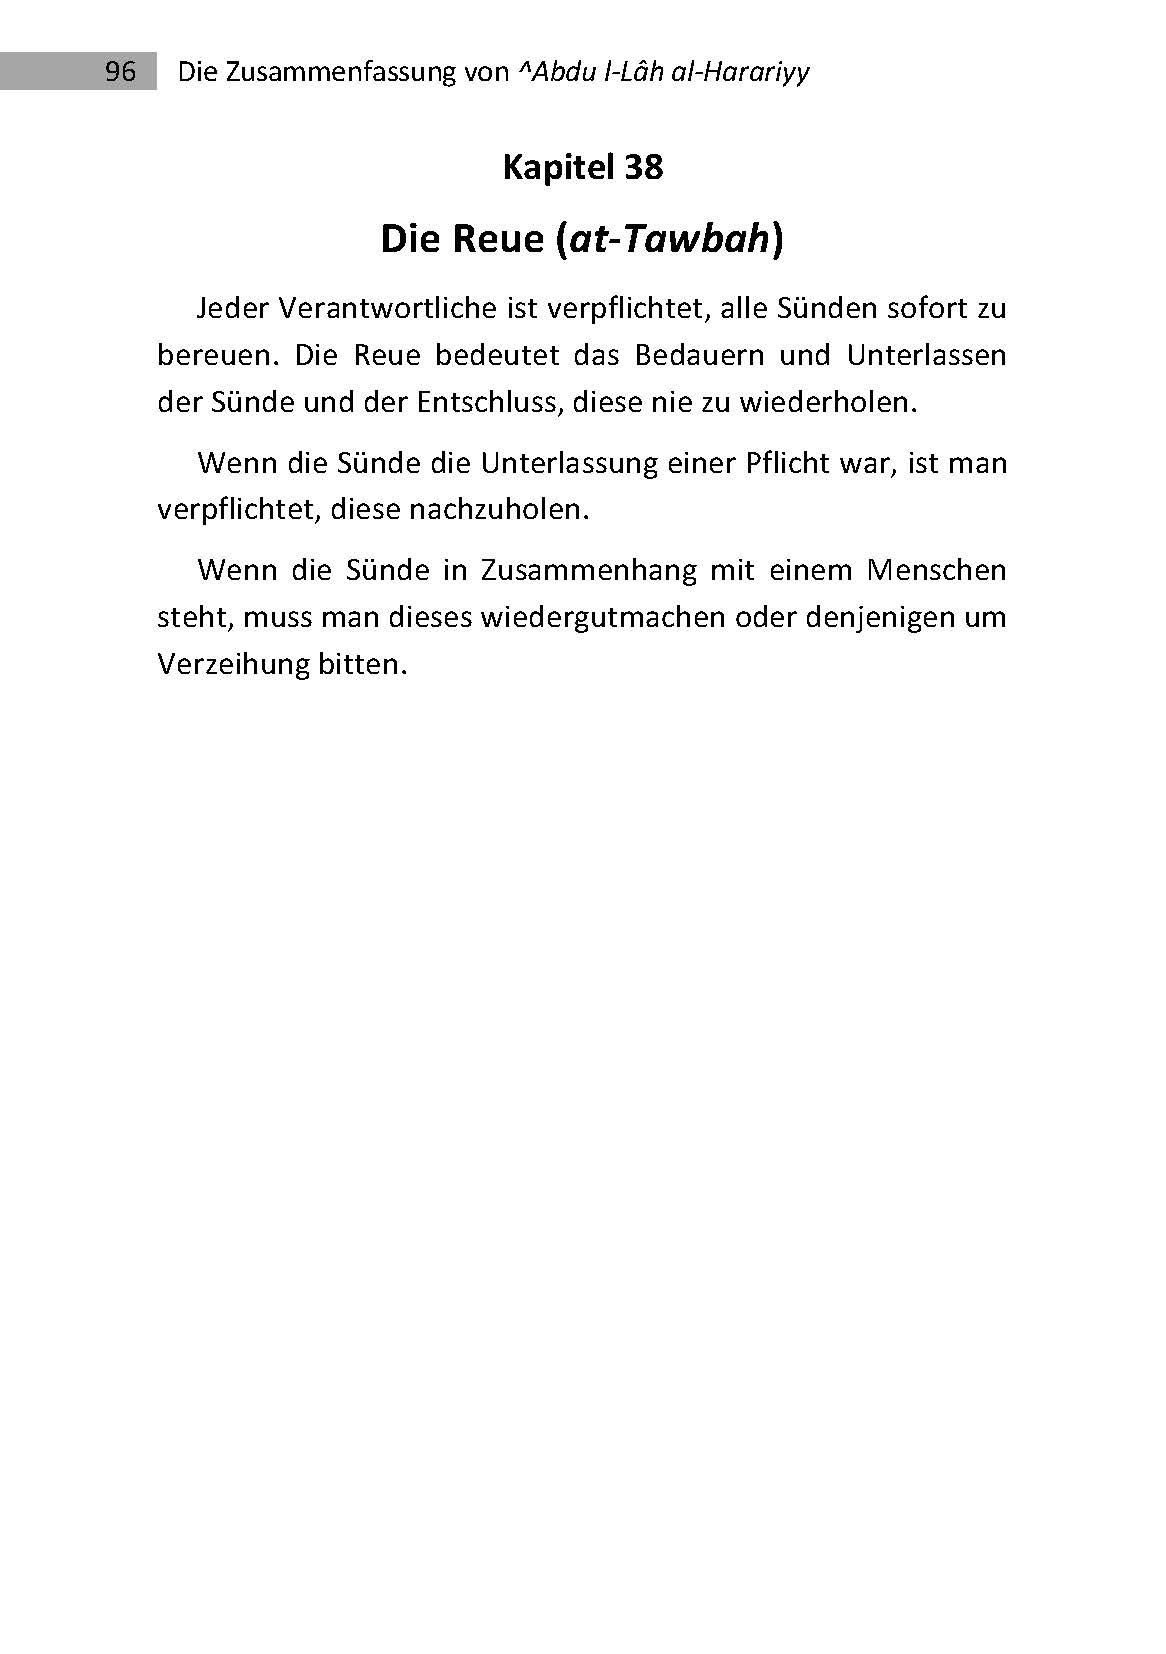 Die Zusammenfassung - 3. Auflage 2014_Seite_96